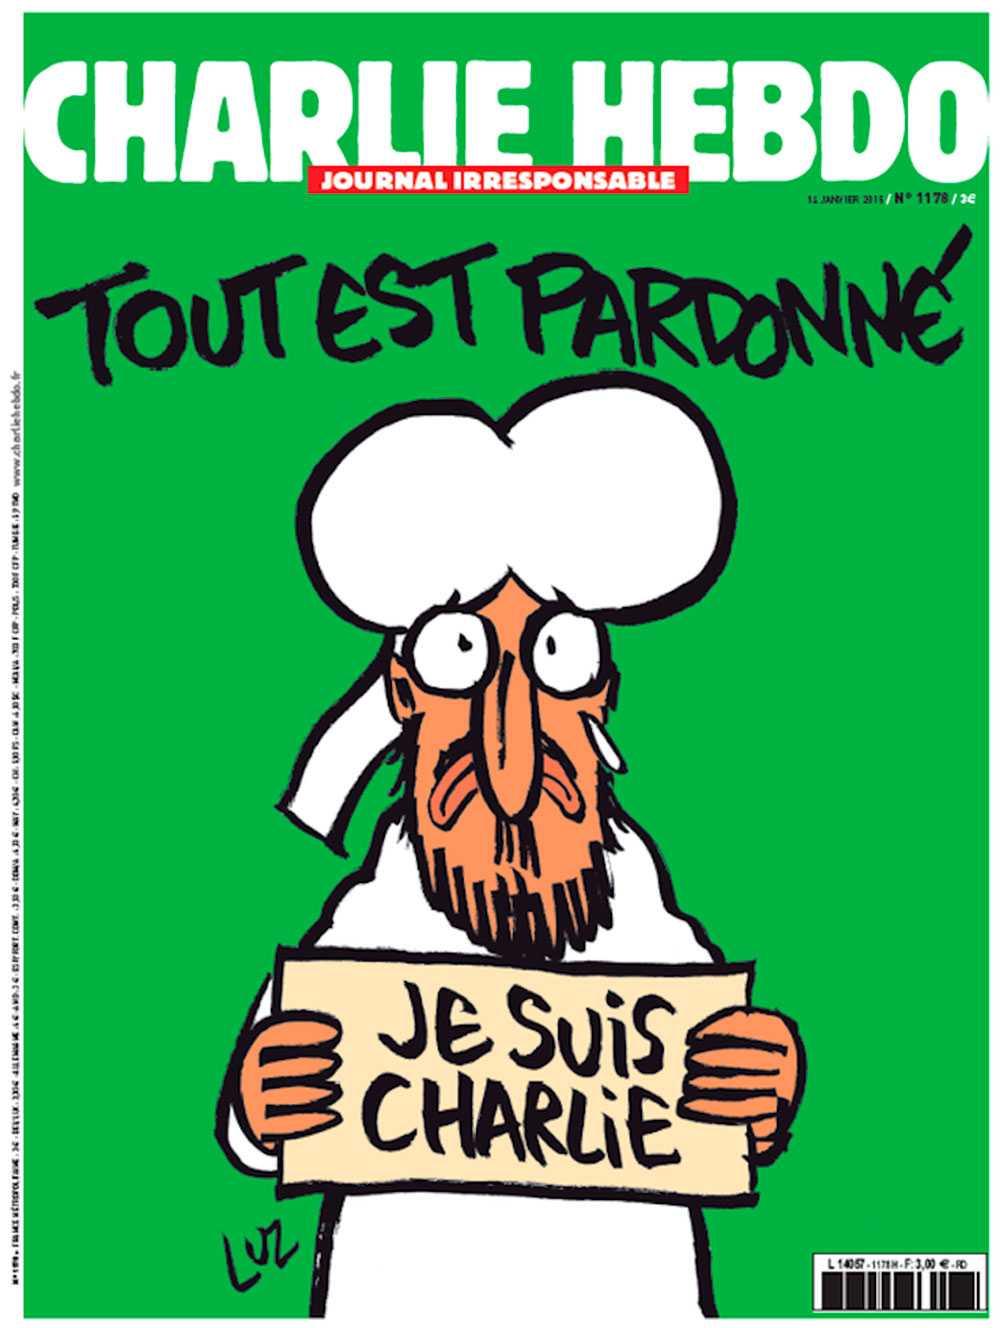 """Förstasidan av nya numret av satirtidningen Charlie Hebdo. Jan Hjärpe, professor och islamolog tolkar den som positiv: – Det är helt klart att syftet inte är att provocera. Den föreställer profeten Muhammed och har en tår i ögat och ser väldigt ledsen ut. Han håller skylten där det står """"Je suis Charlie"""". Vad den syftar till menar jag är det faktum att den stora majoriteten muslimer och troende inte accepterar det här våldet."""